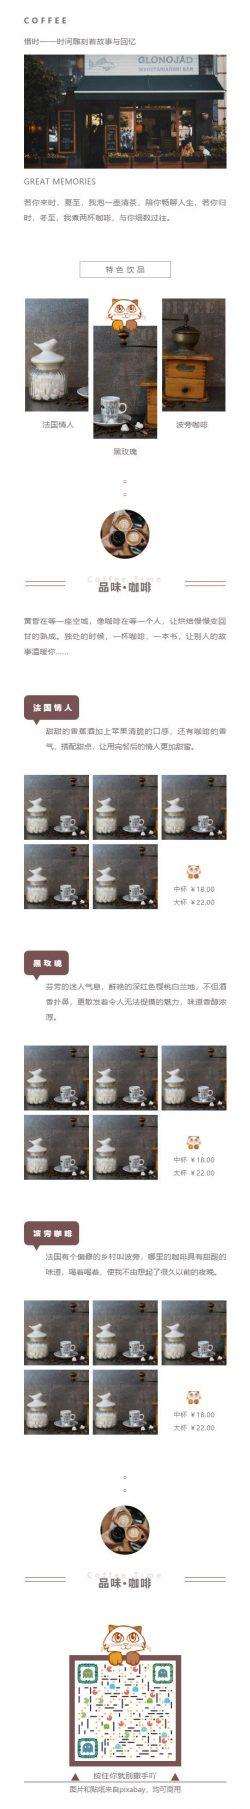 清新风格品味·咖啡店微信公众号推文模板简约微信模板